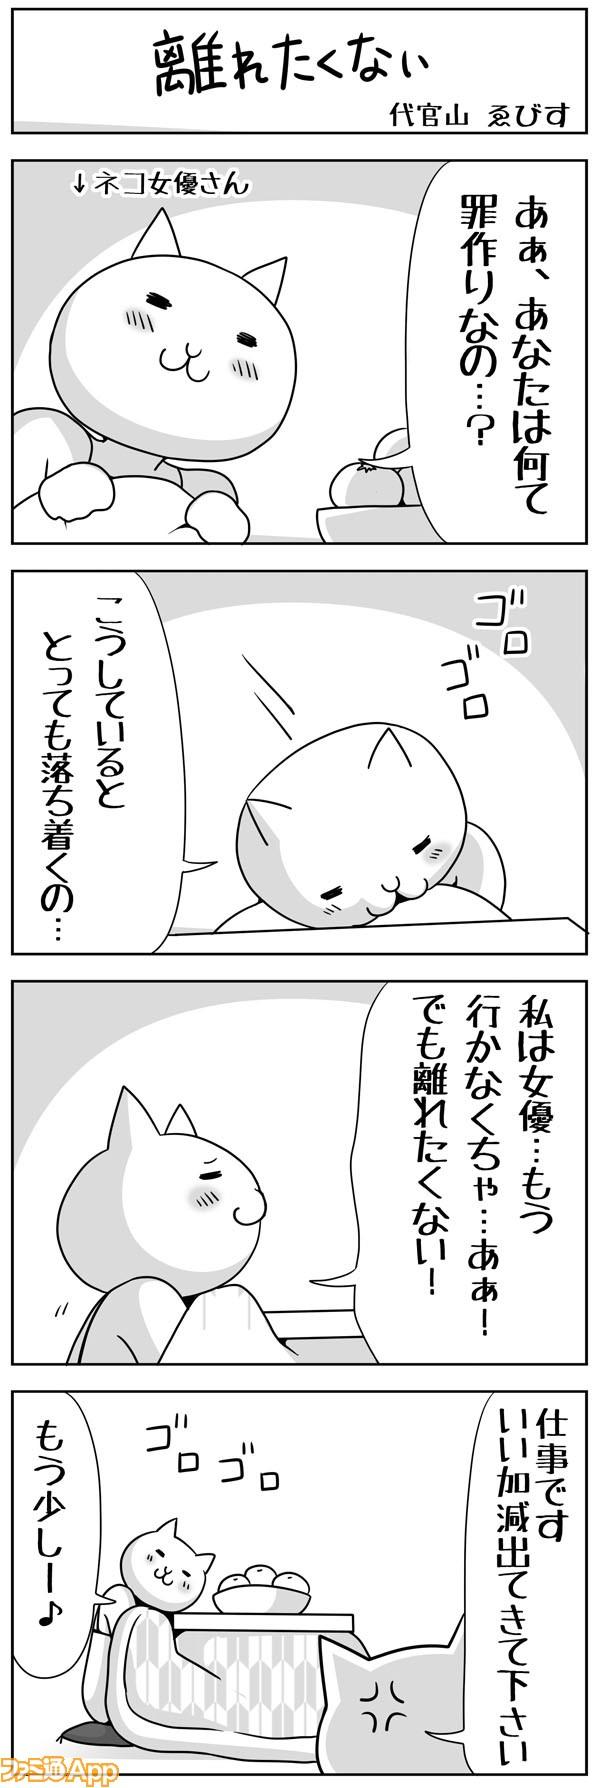 01daik_069